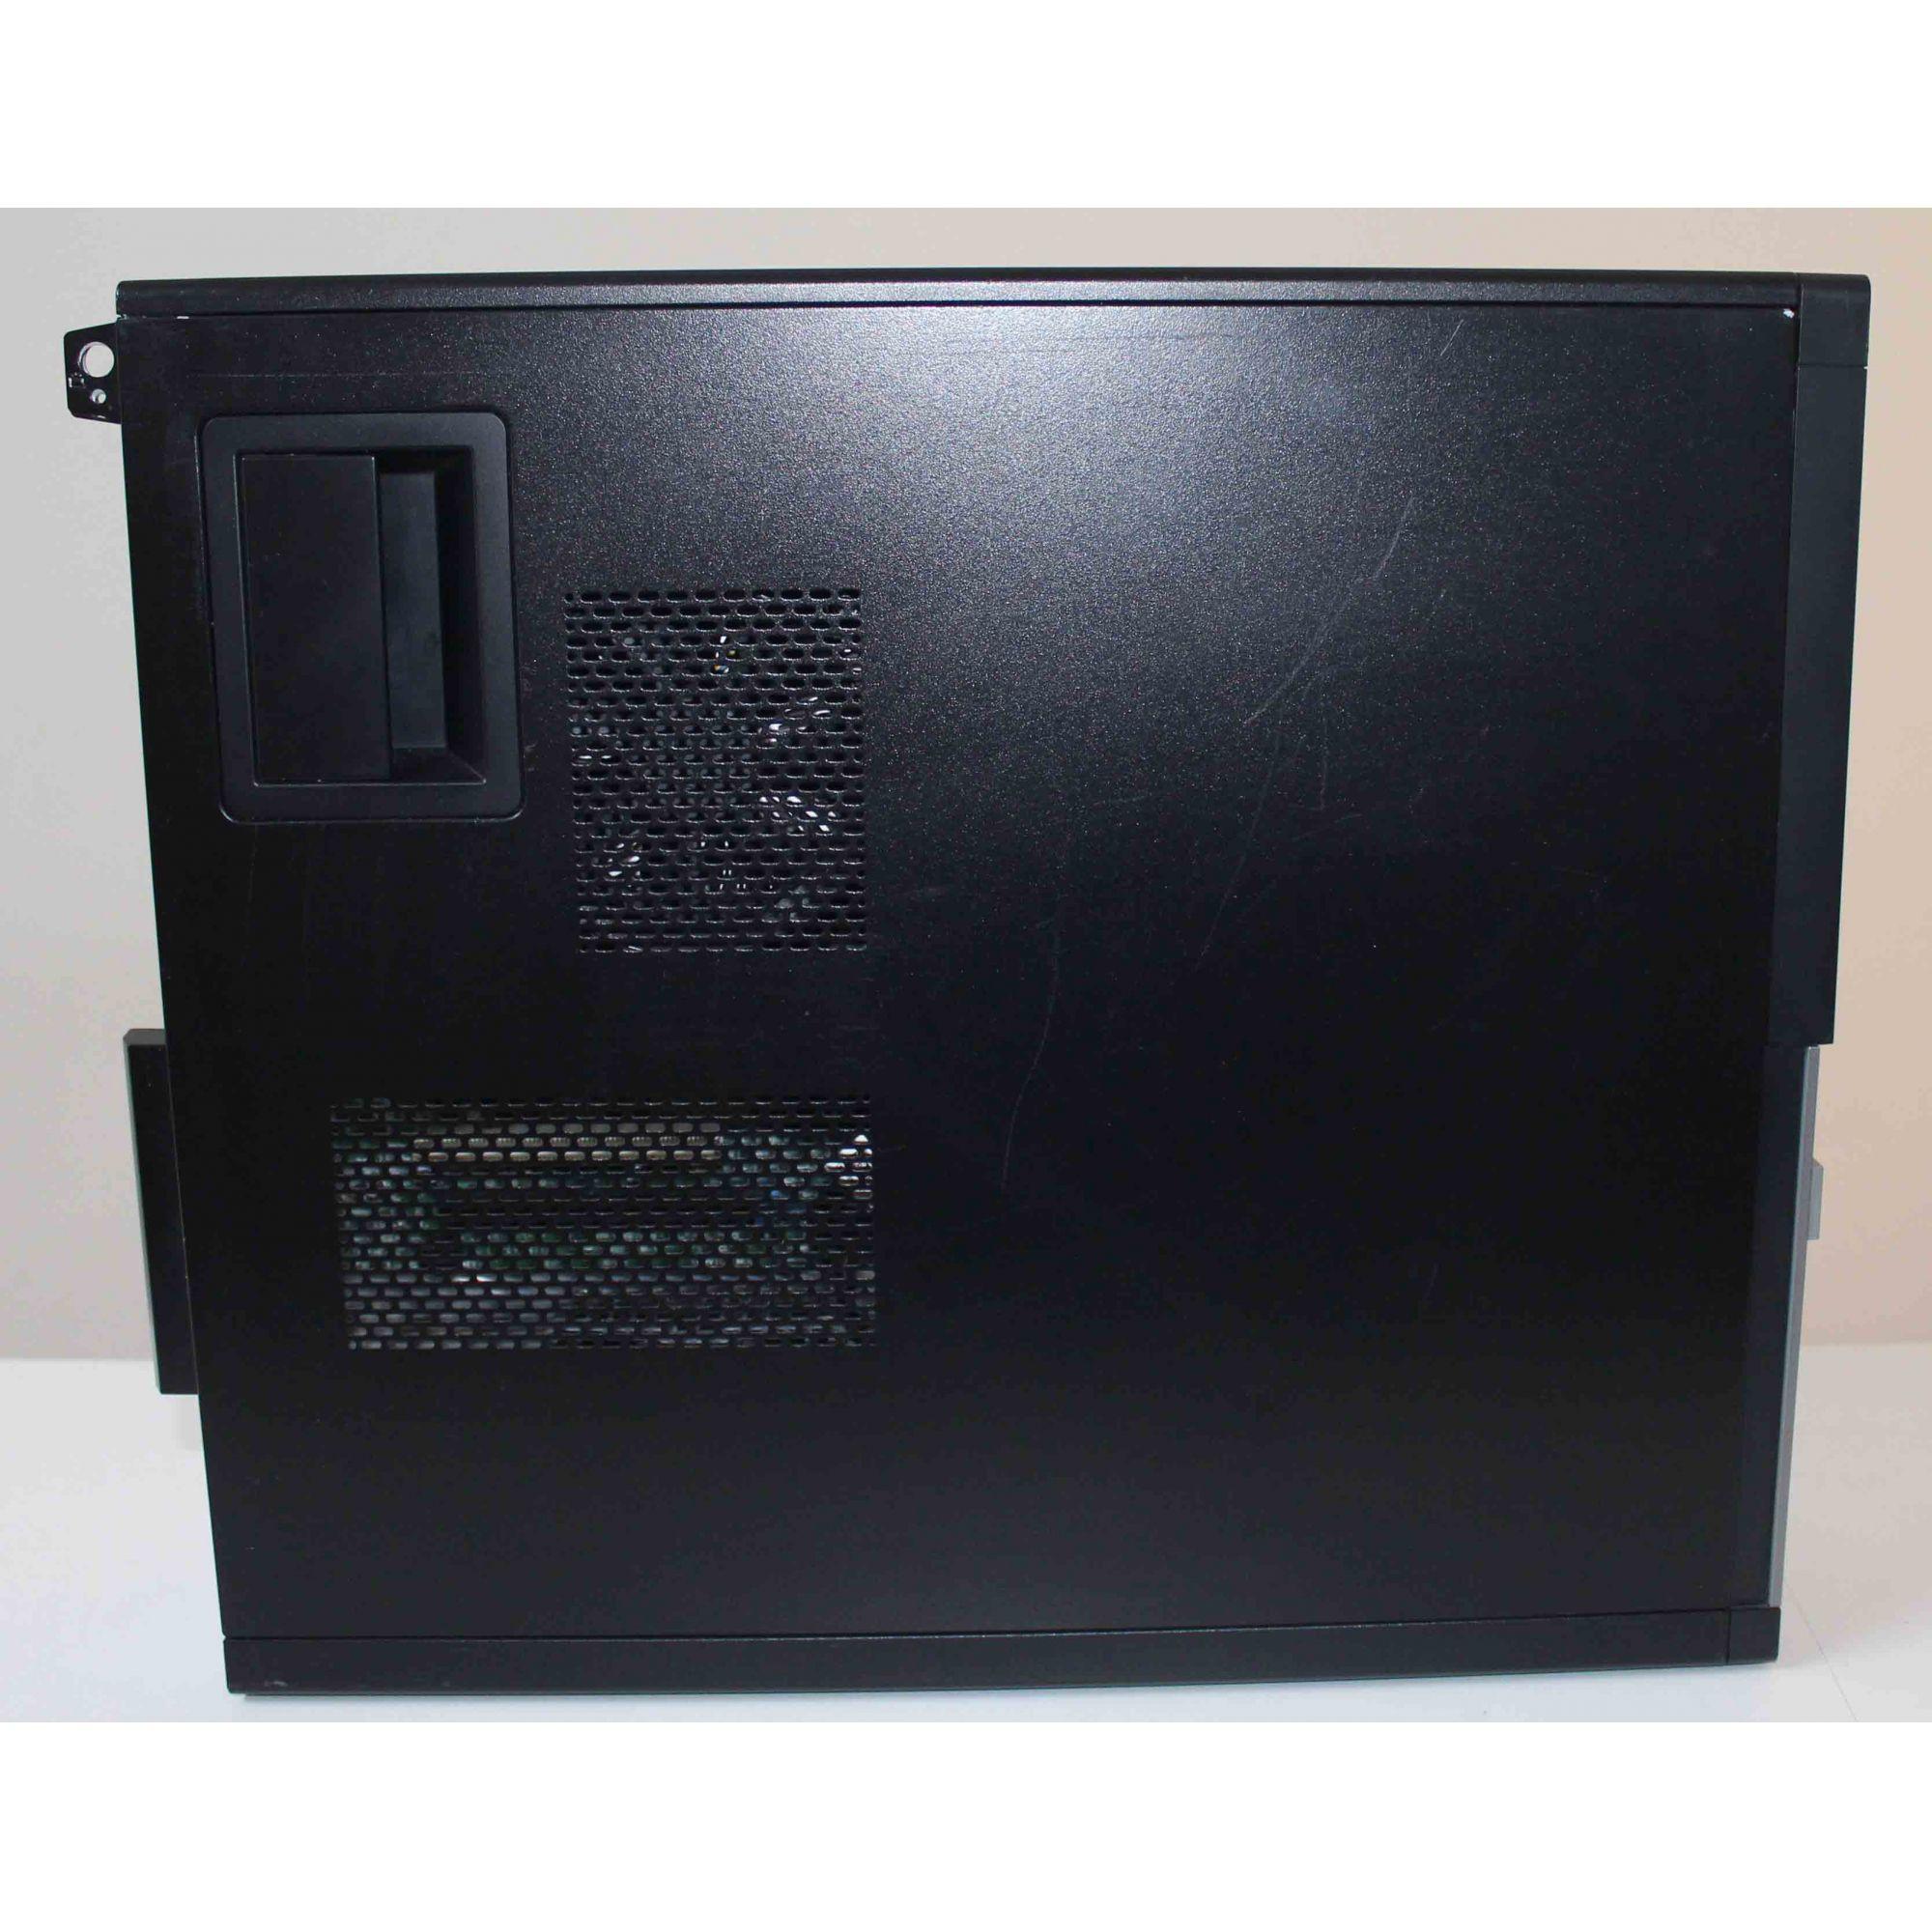 Computador Dell Optiplex 7010 Intel Core i5 3.4GHz 8GB HD-500GB